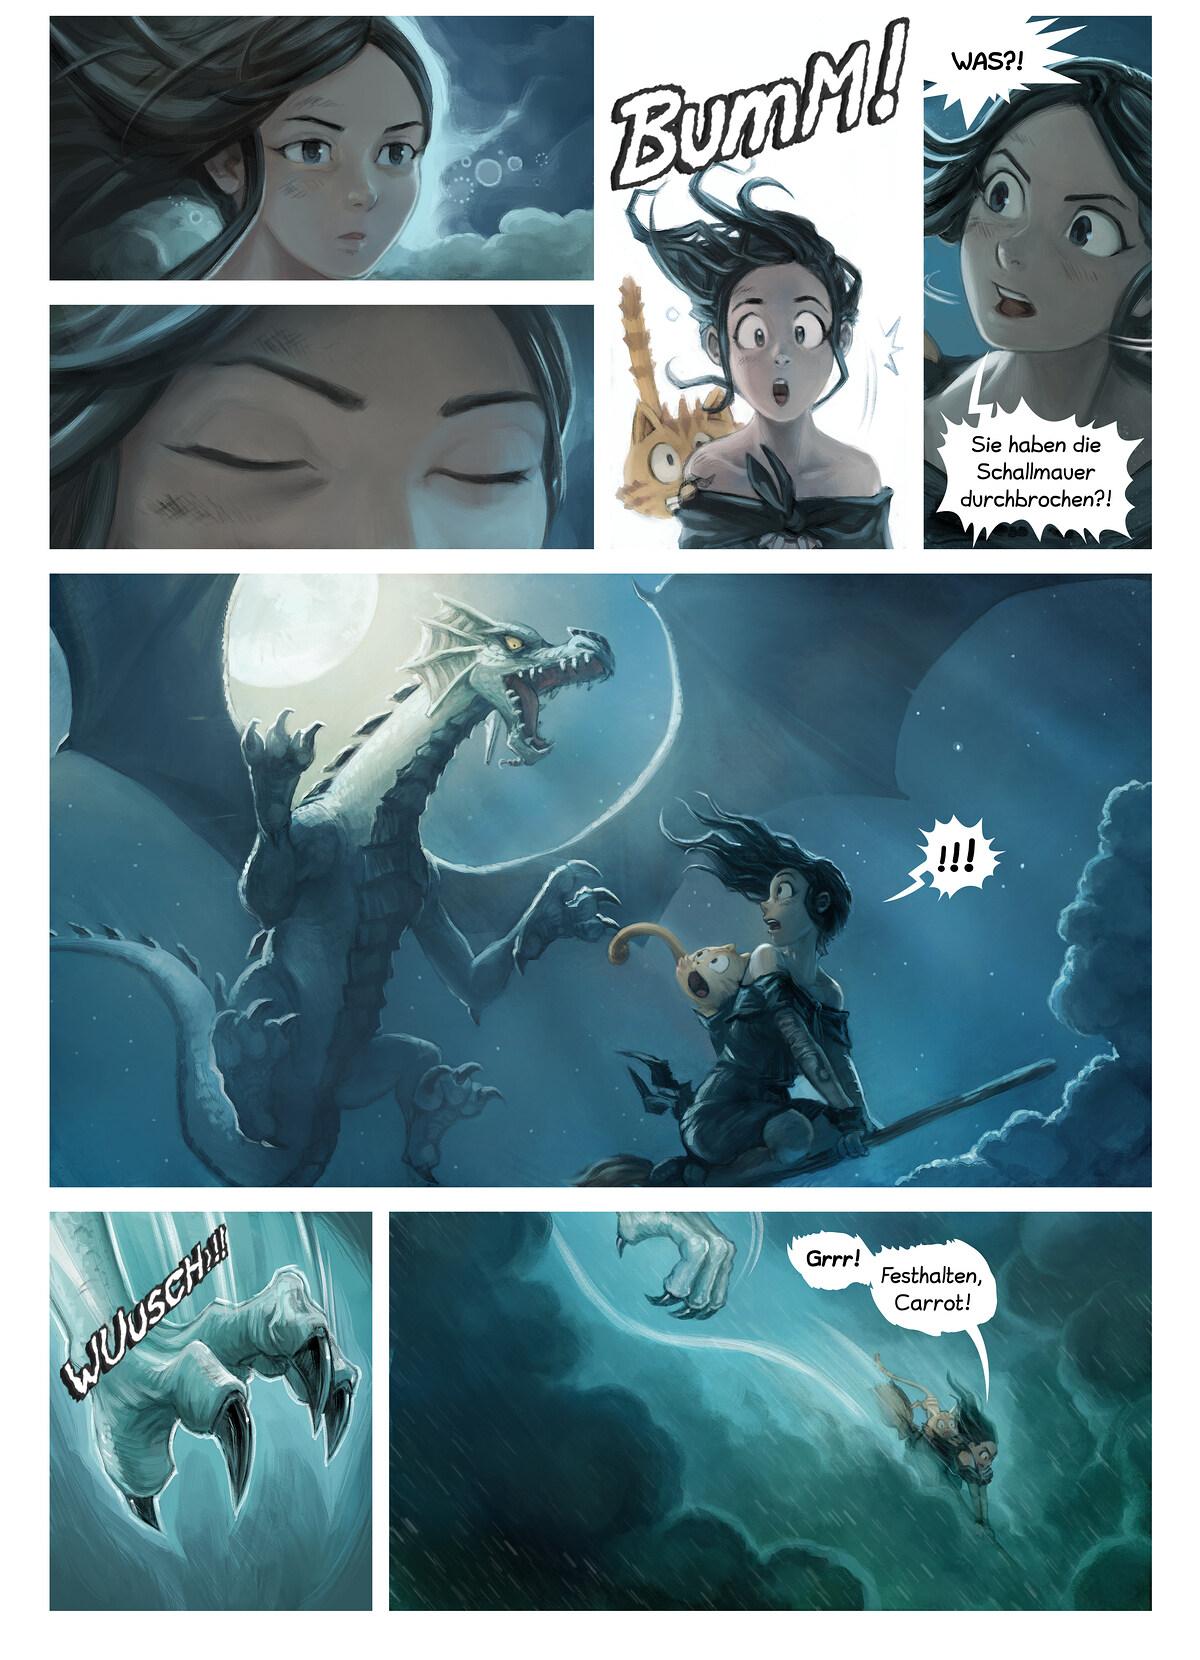 Episode 35: Das Spiegelbild, Page 4